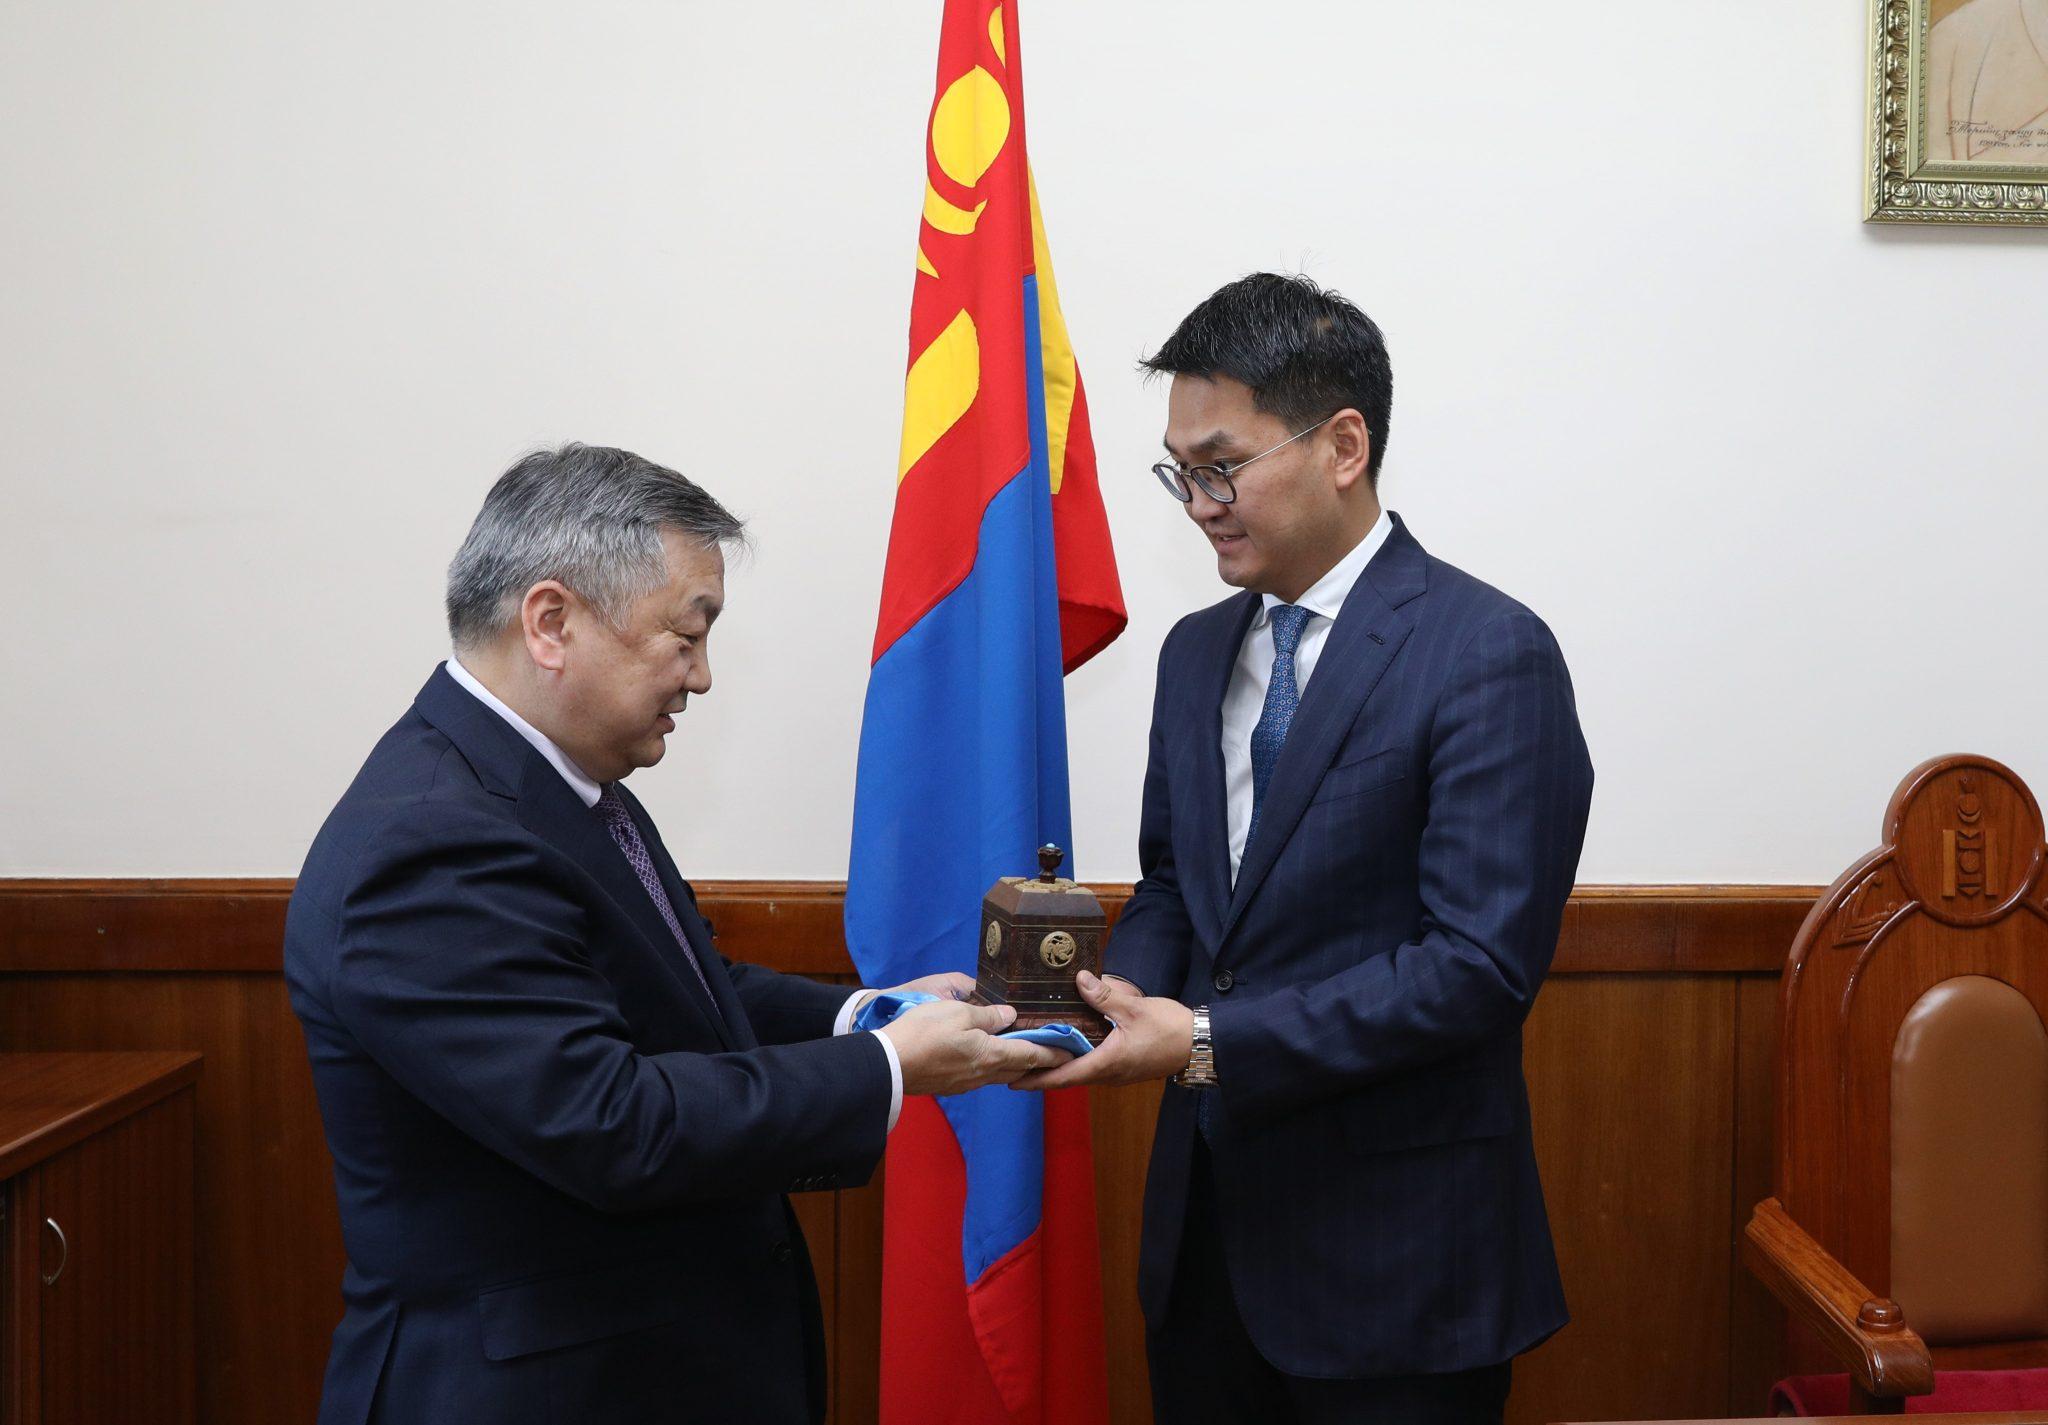 Монгол Улсын Ерөнхийлөгчийн Тамгын газрын даргаар Өлзийхүүгийн Шижирийг томиллоо